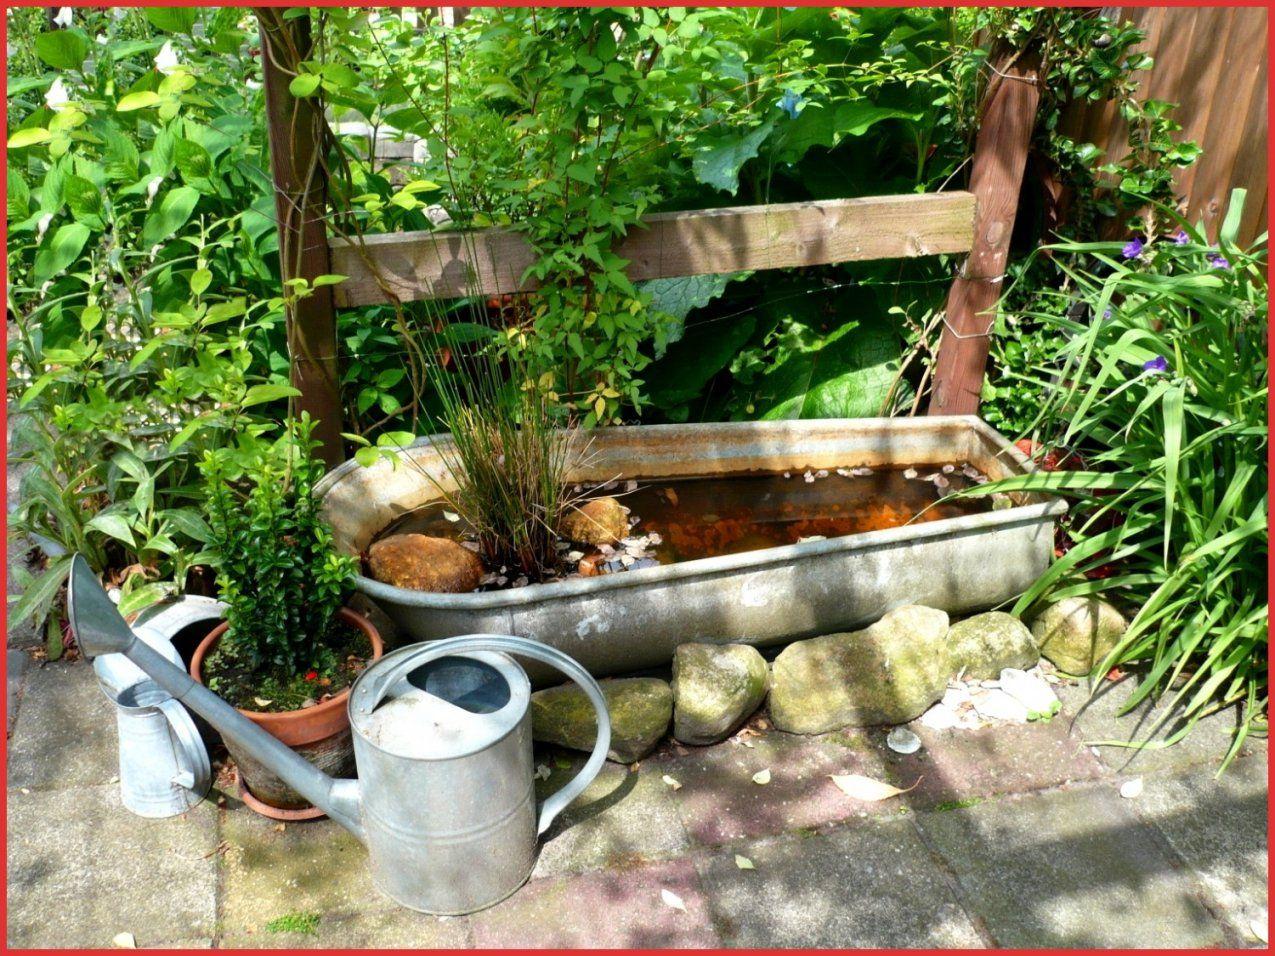 badewanne garten 266613 alte badewanne im garten wohndesign und von badewanne f r den garten. Black Bedroom Furniture Sets. Home Design Ideas